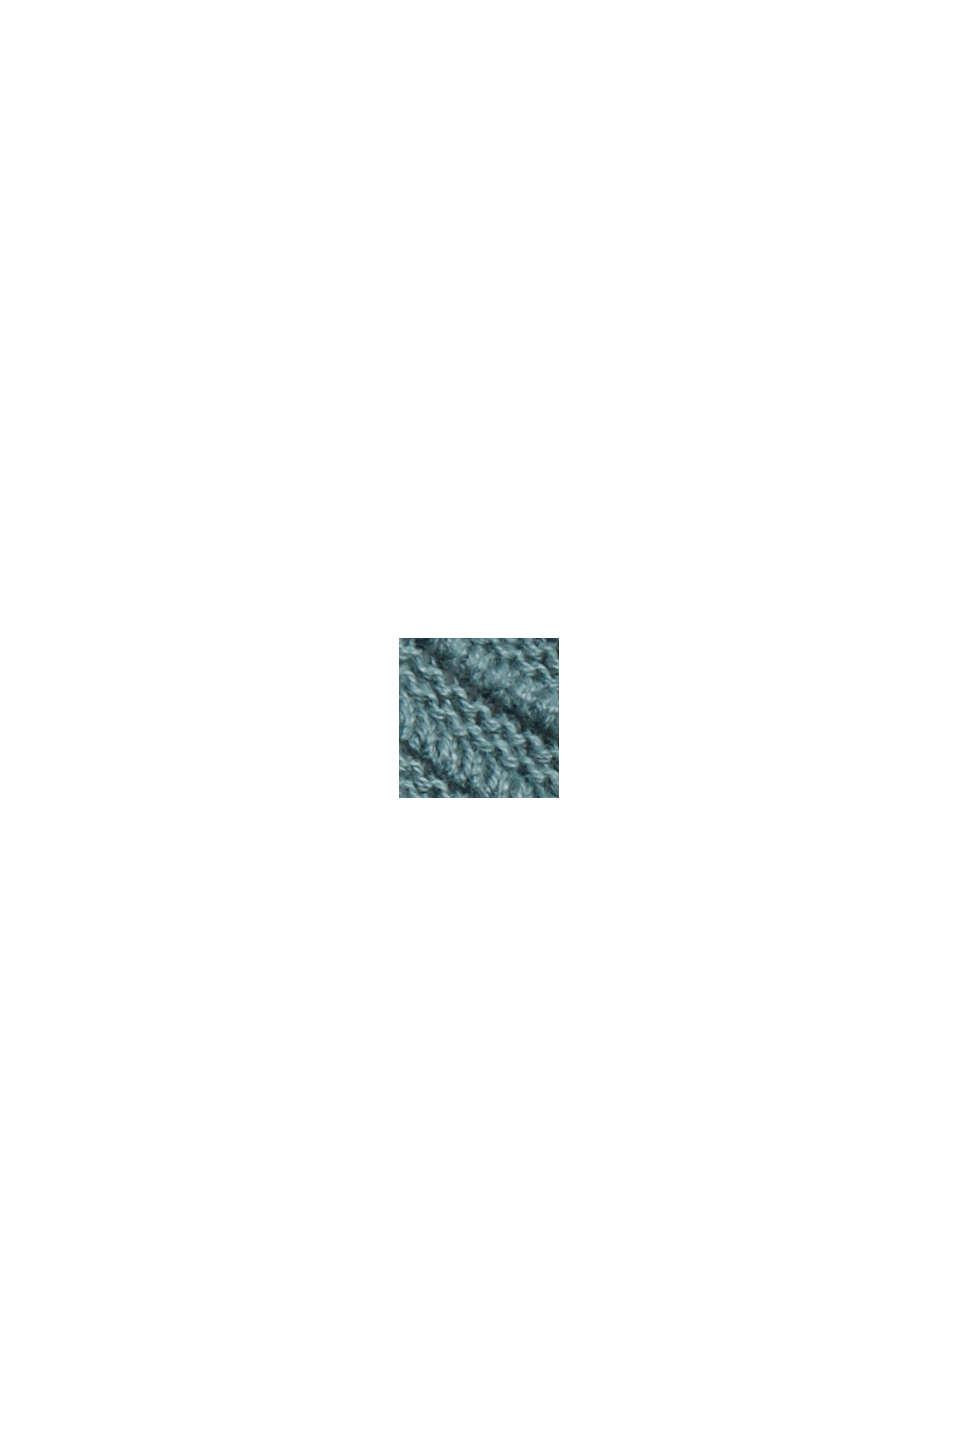 Ribbet cardigan i 100% økobomuld uden lukning, TEAL BLUE, swatch